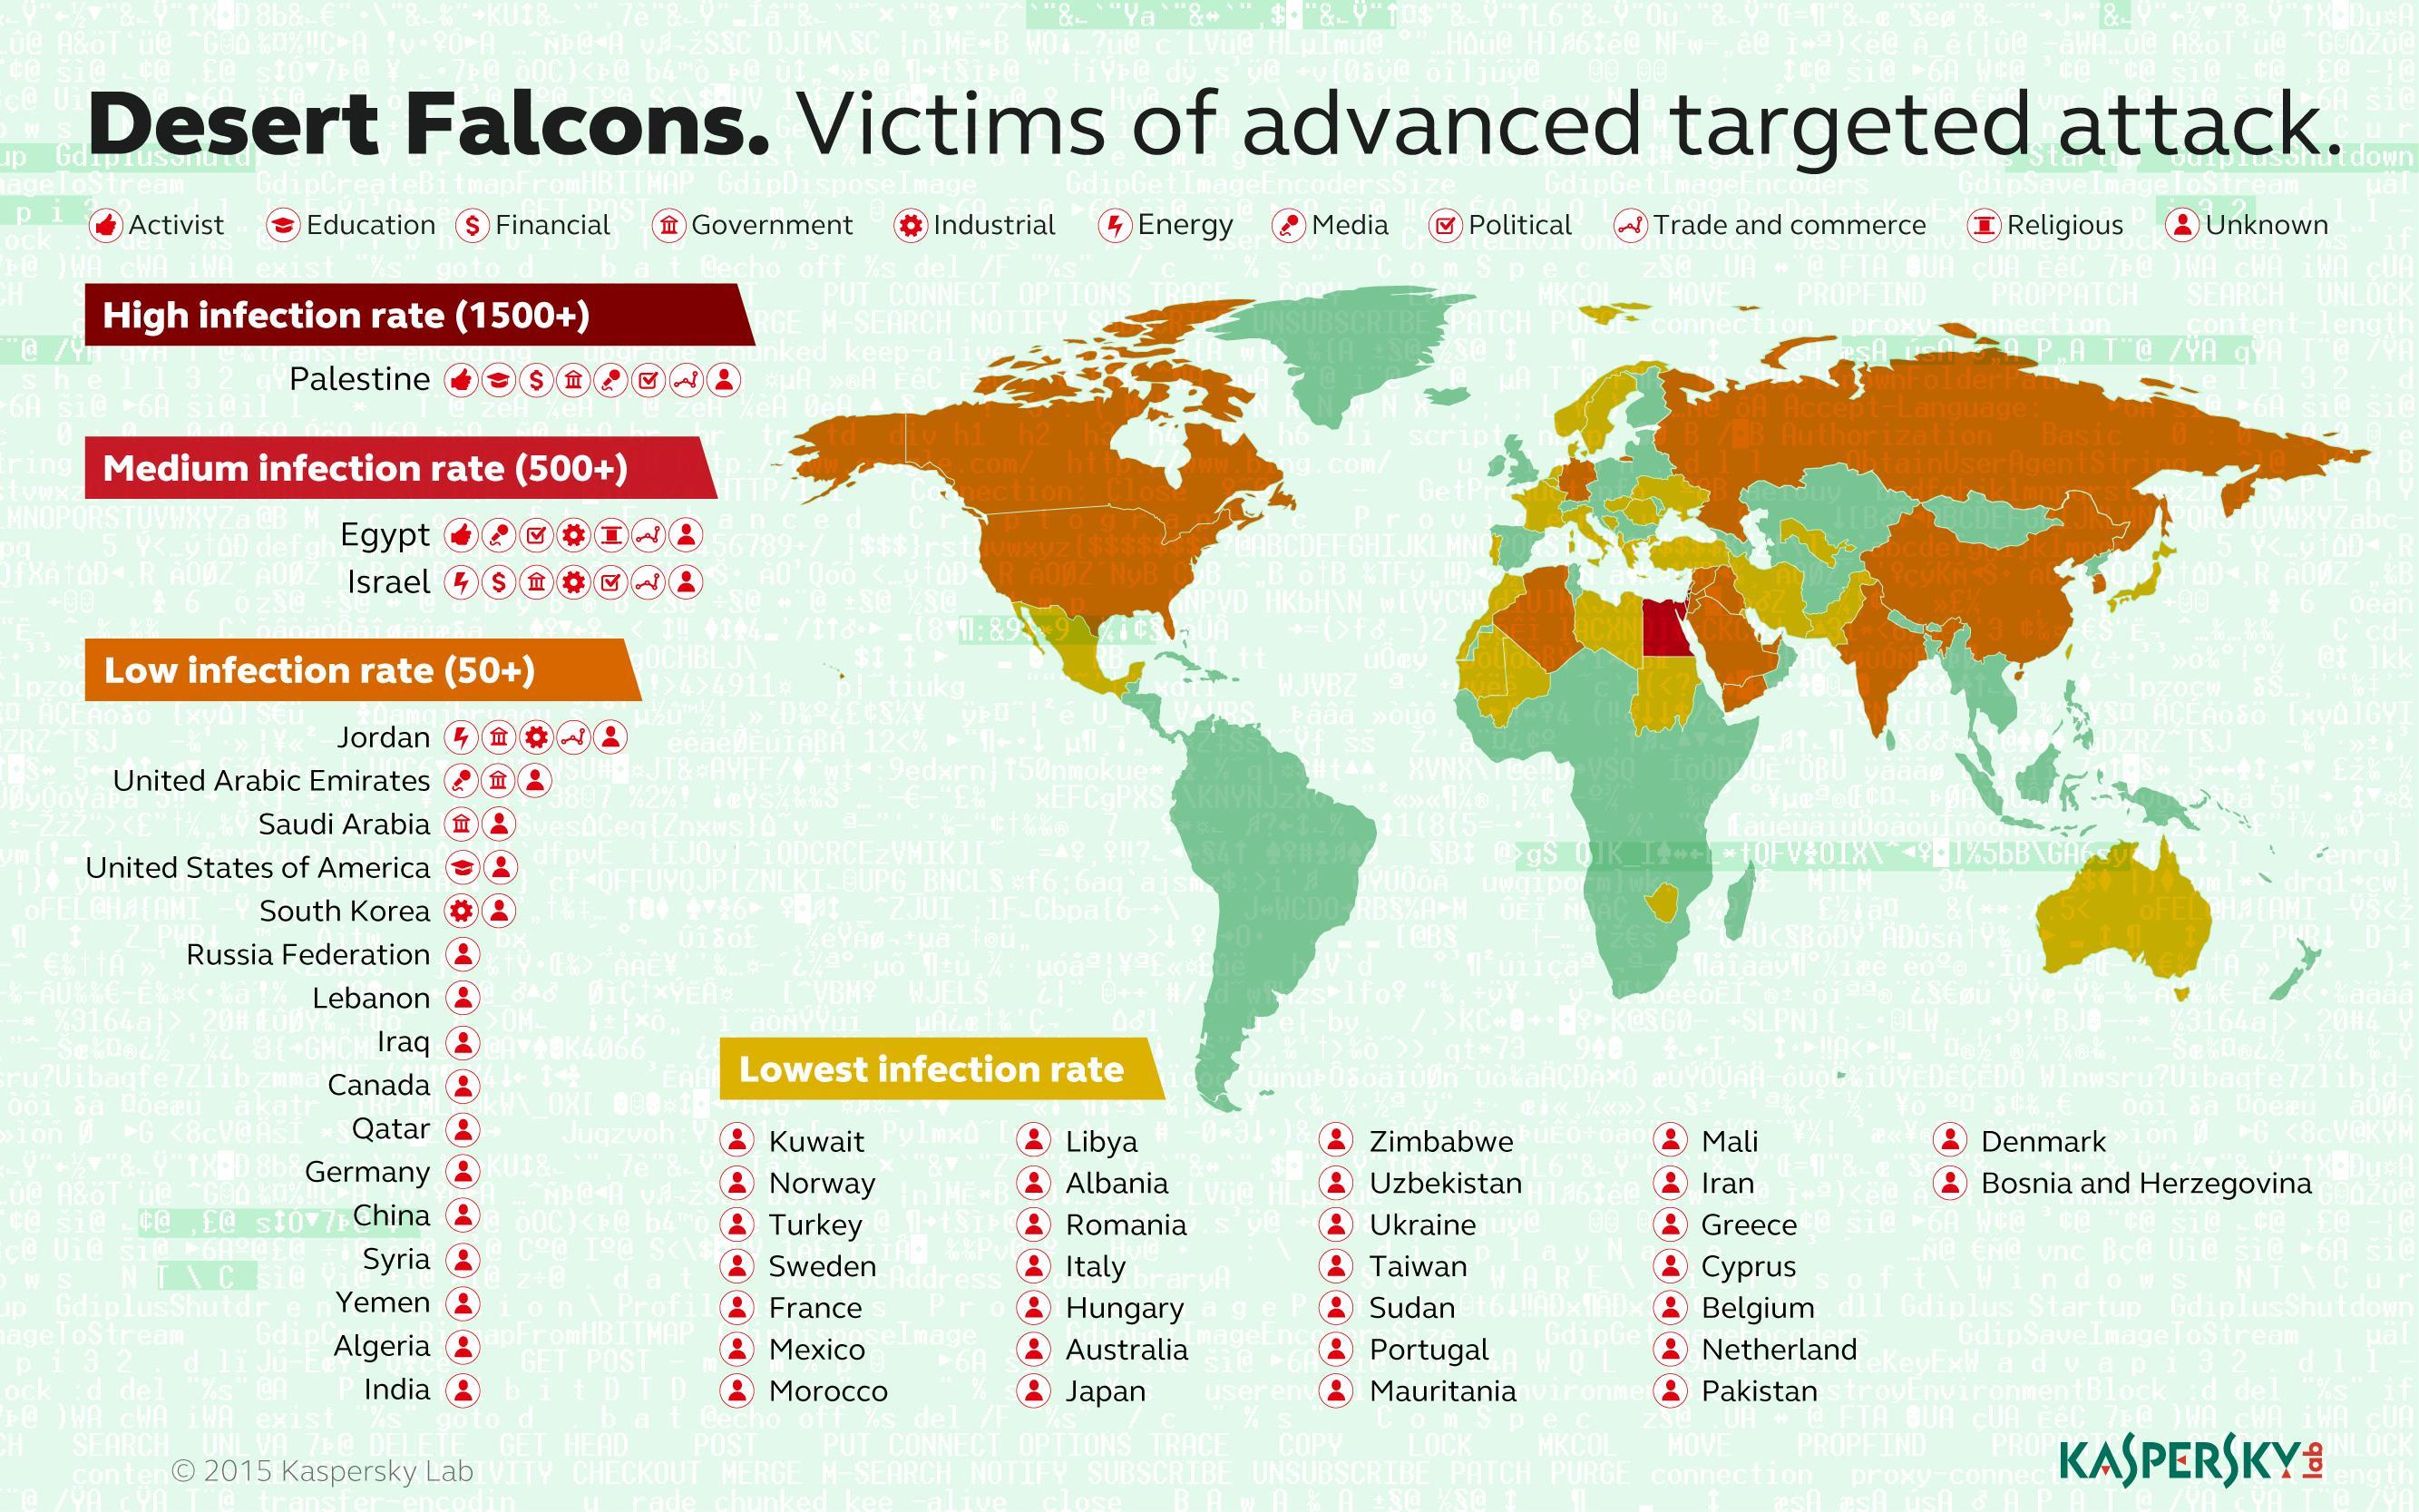 Desert-Falcons